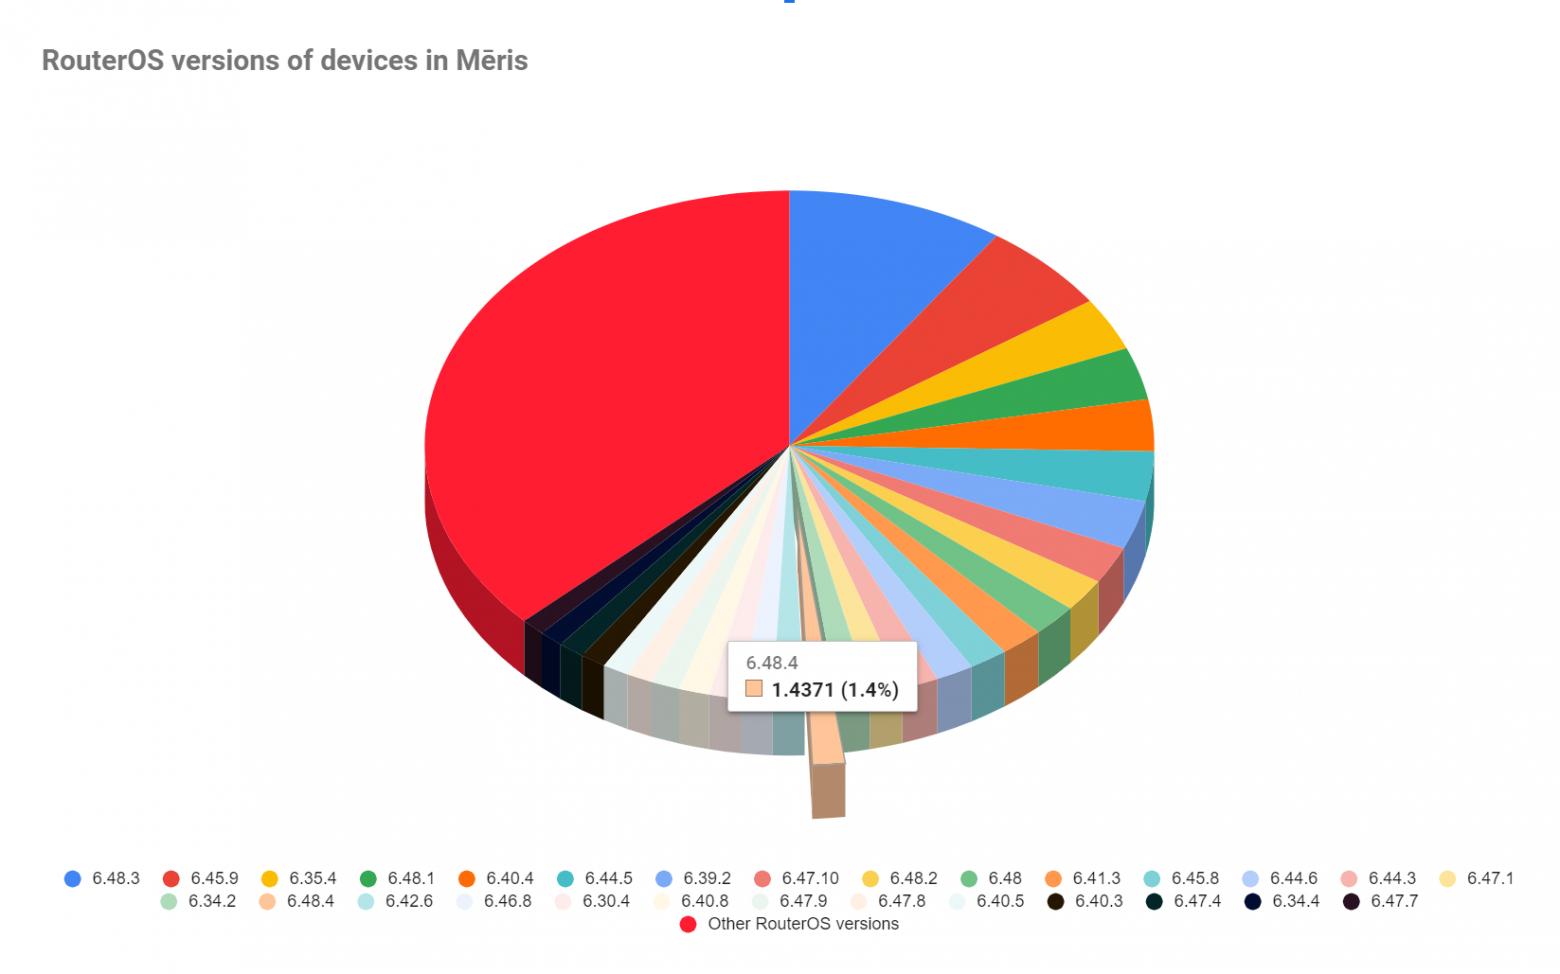 RouterOS versions seen in Meris DDoS botnet